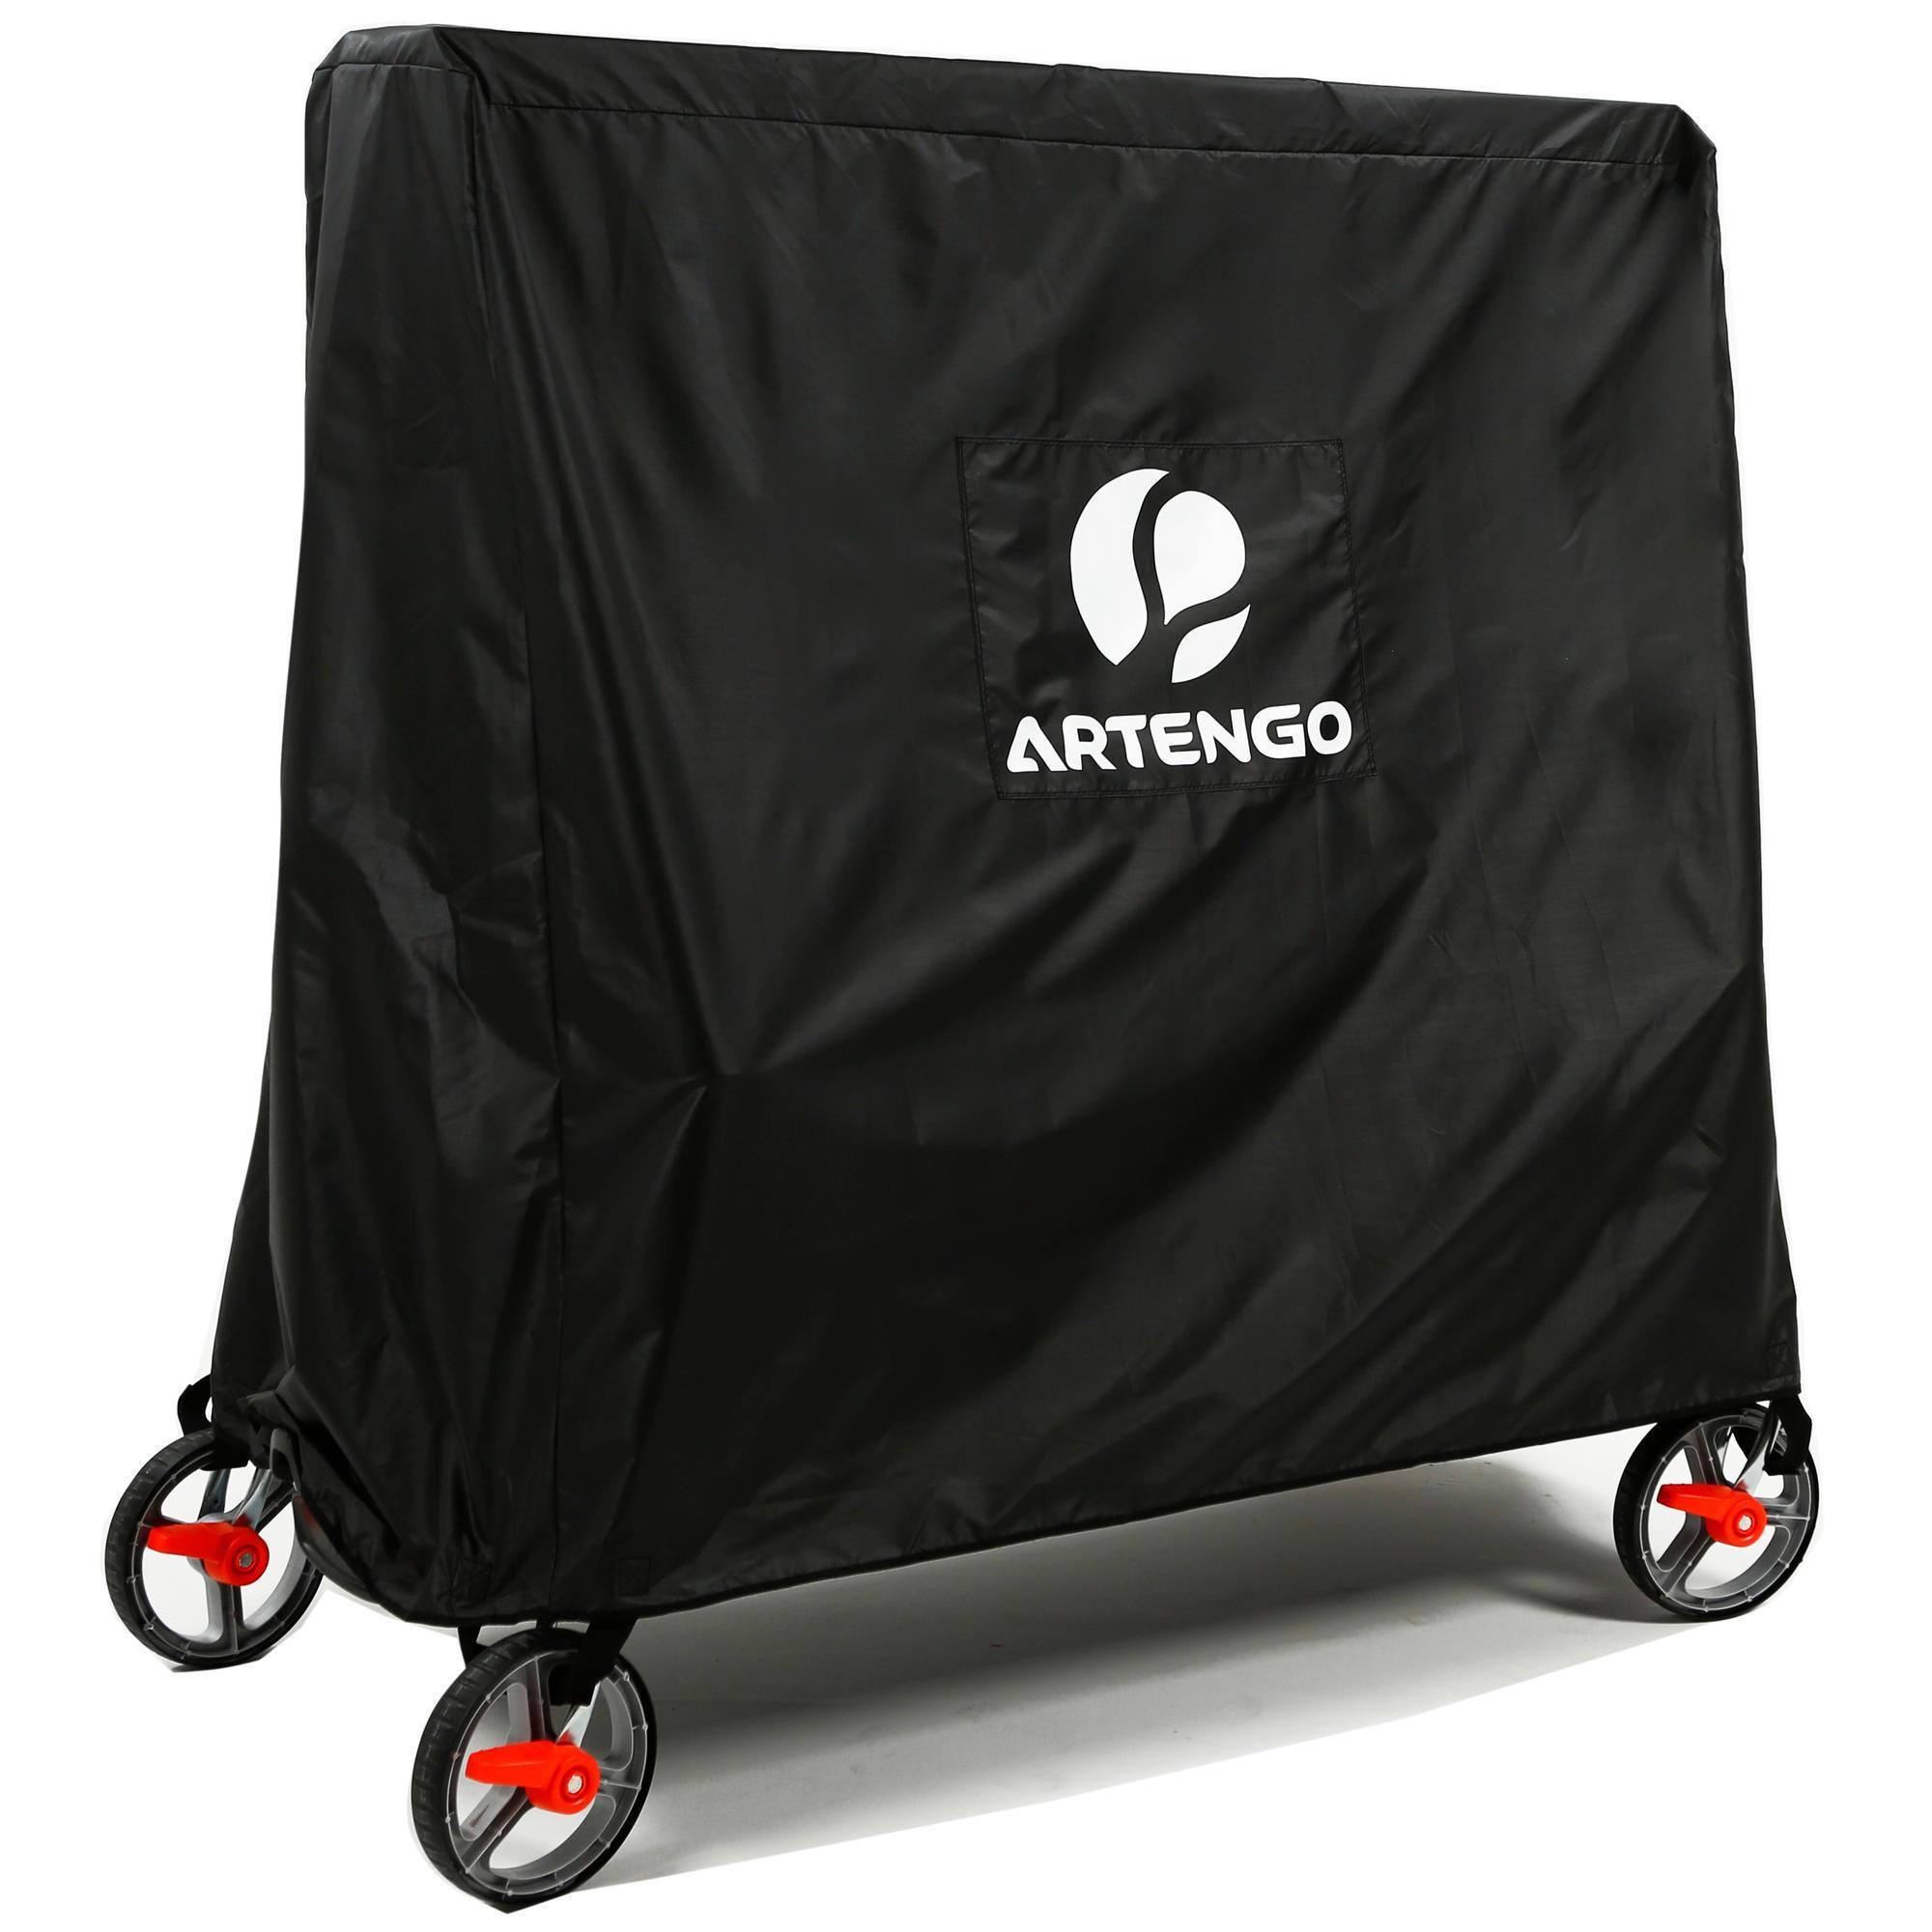 Artengo Beschermhoes voor opgeklapte tafeltennistafel PPC 500 zwart kopen met voordeel